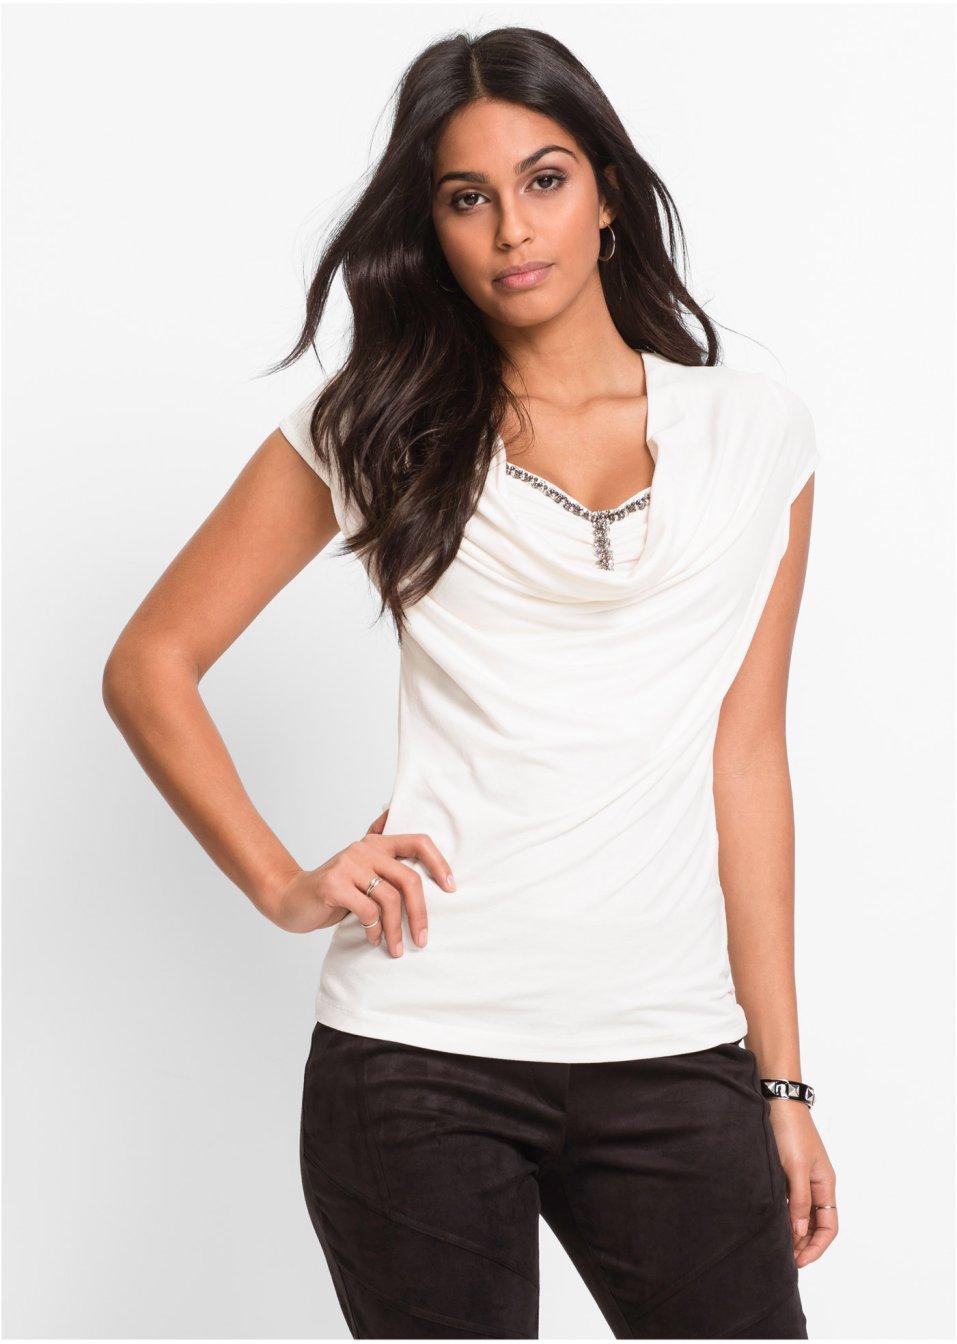 dbd86abbe86e Feminines Kurzarmshirt mit Detail am Ausschnitt - abendrot